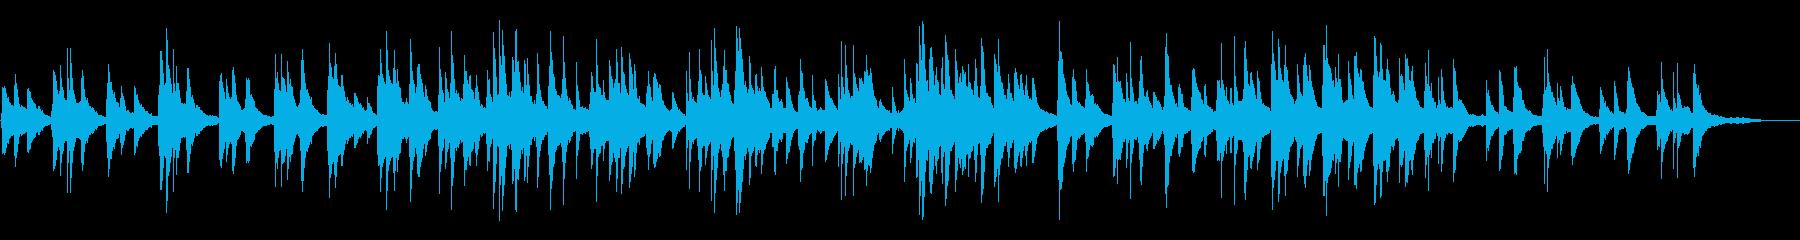 カフェ・ヨガ・睡眠 lo-fiピアノソロの再生済みの波形